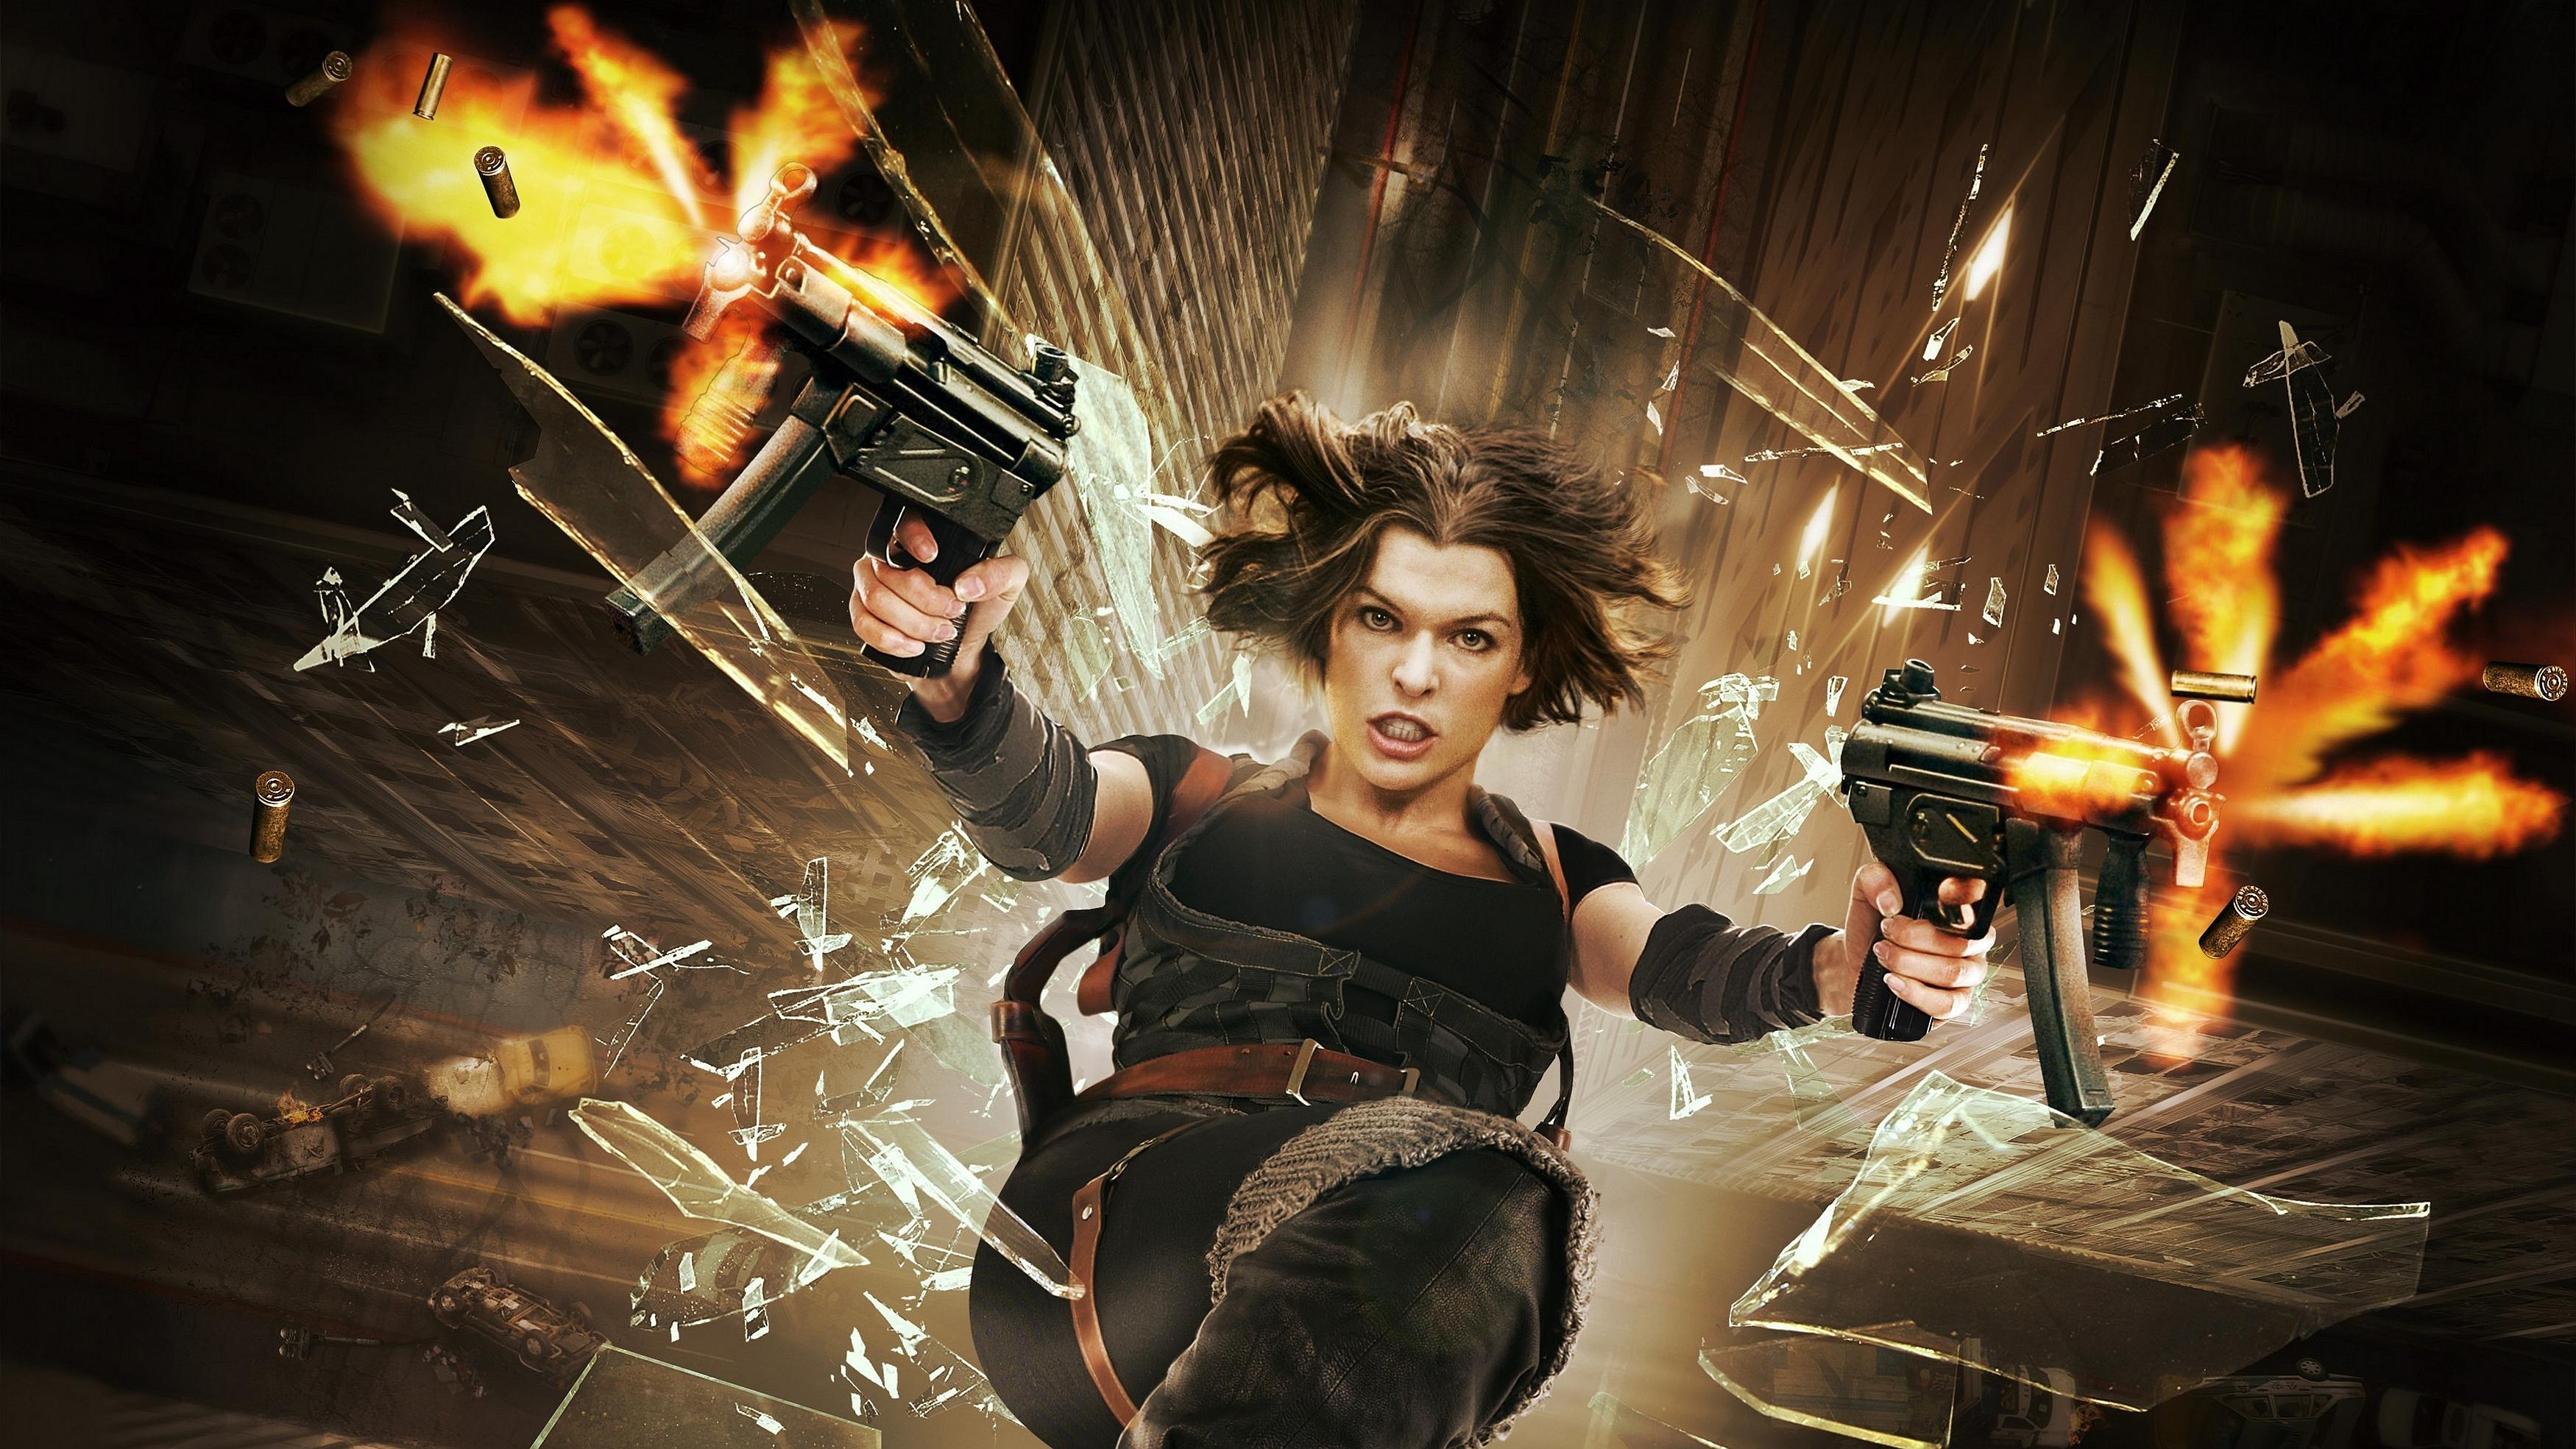 Resident Evil: Afterlife HD Wallpaper | Background Image ...